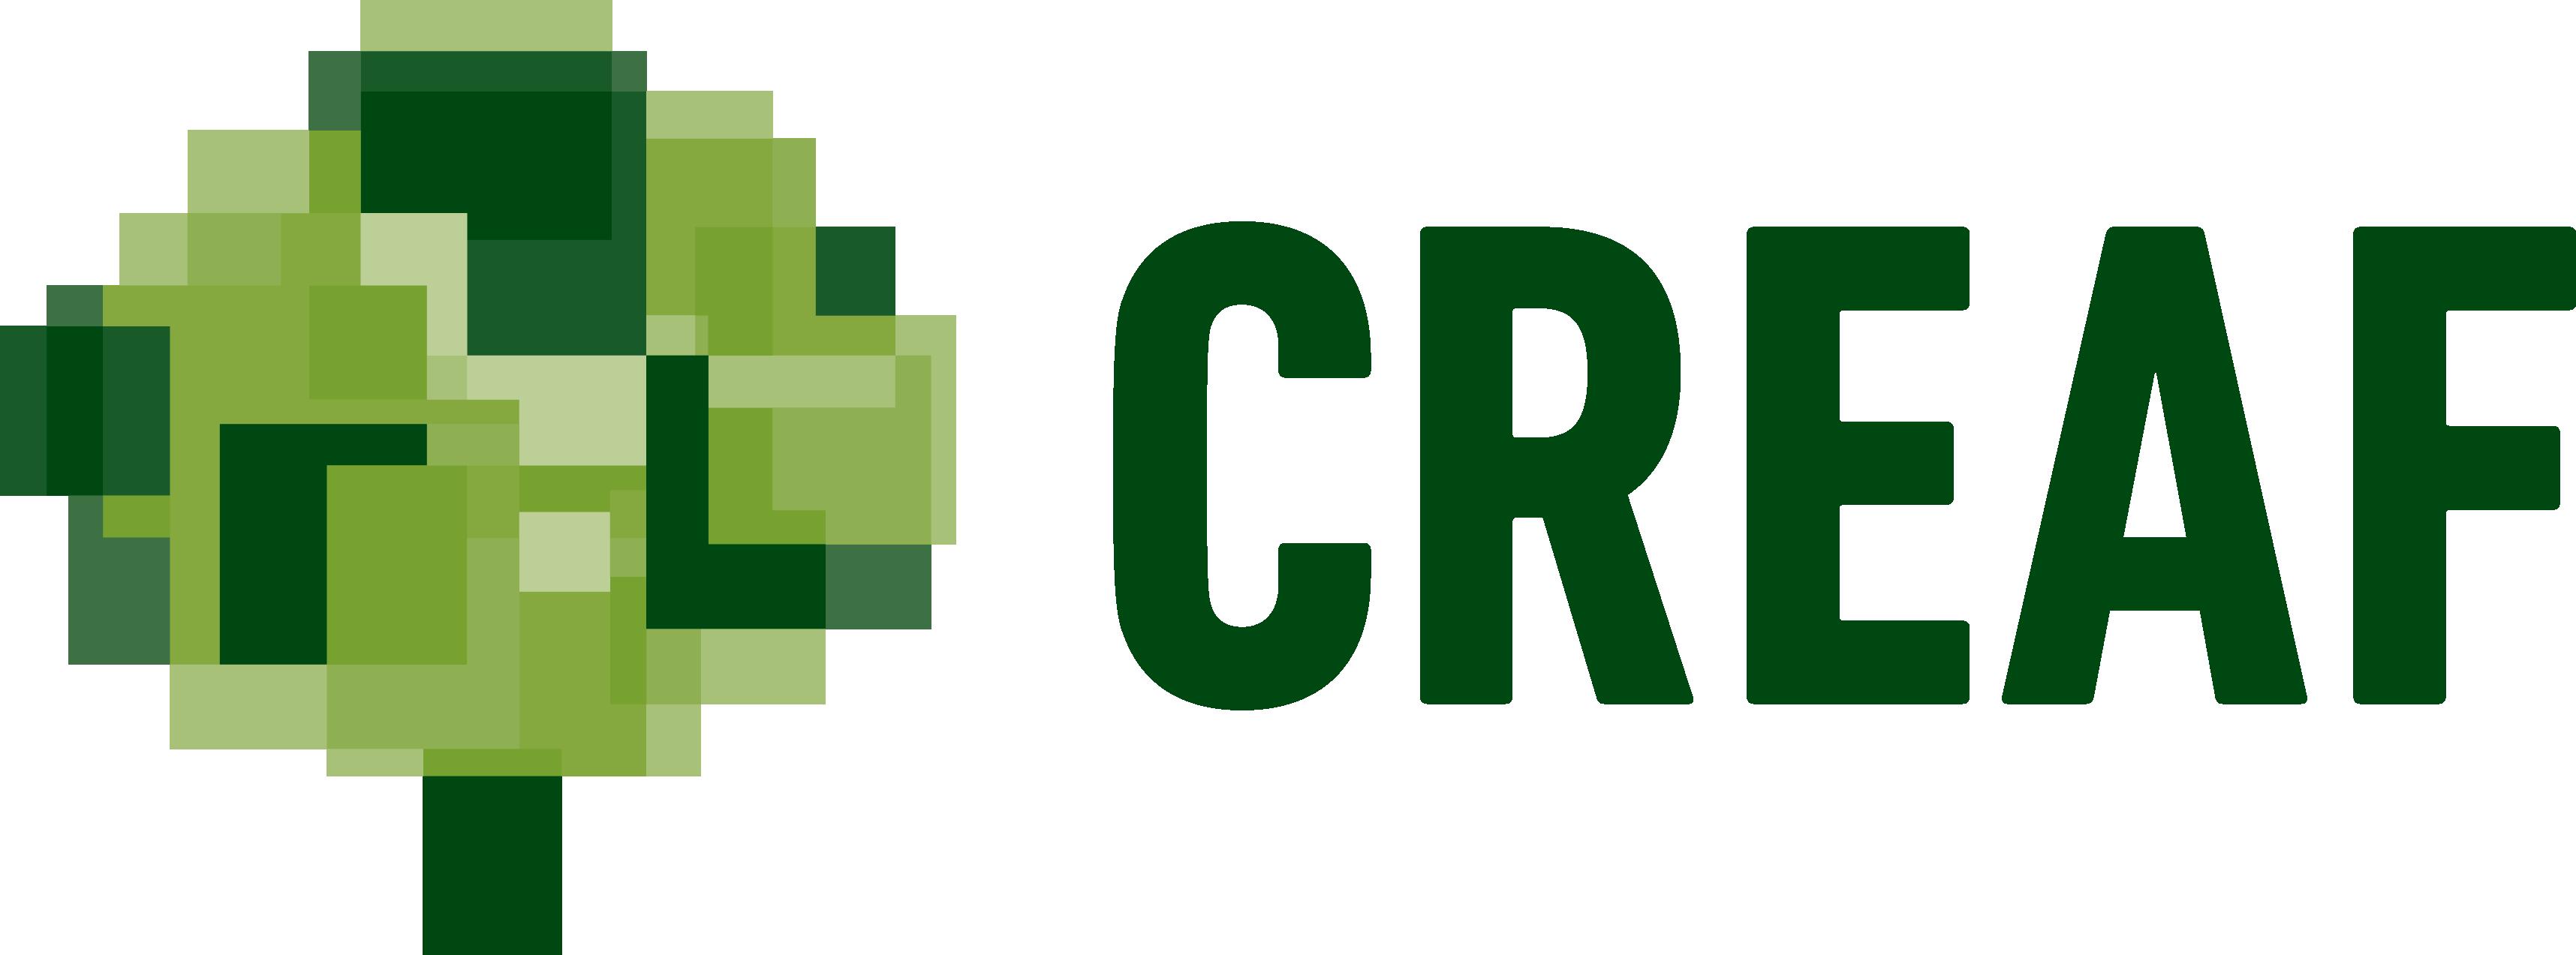 CREAF - Centro de Investigacion Ecologica y Aplicaciones Forestales